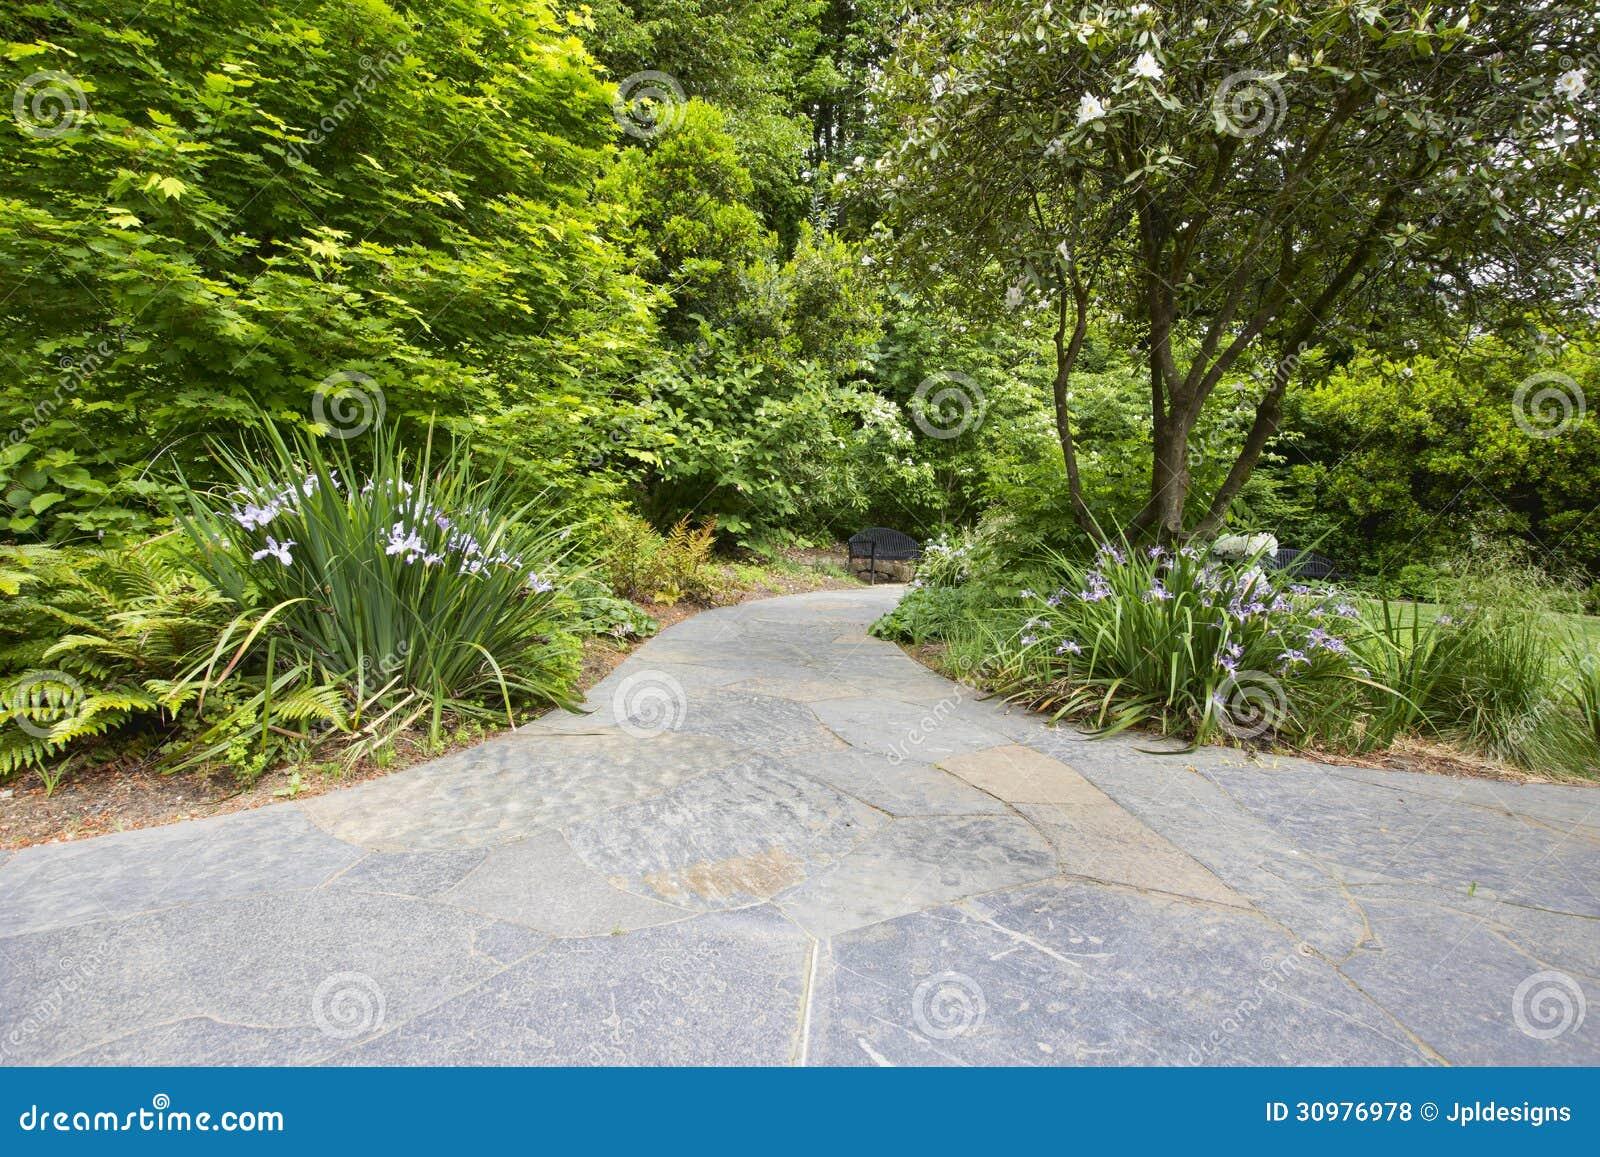 chemin en pierre de jardin d 39 ardoise avec des usines photos libres de droits image 30976978. Black Bedroom Furniture Sets. Home Design Ideas